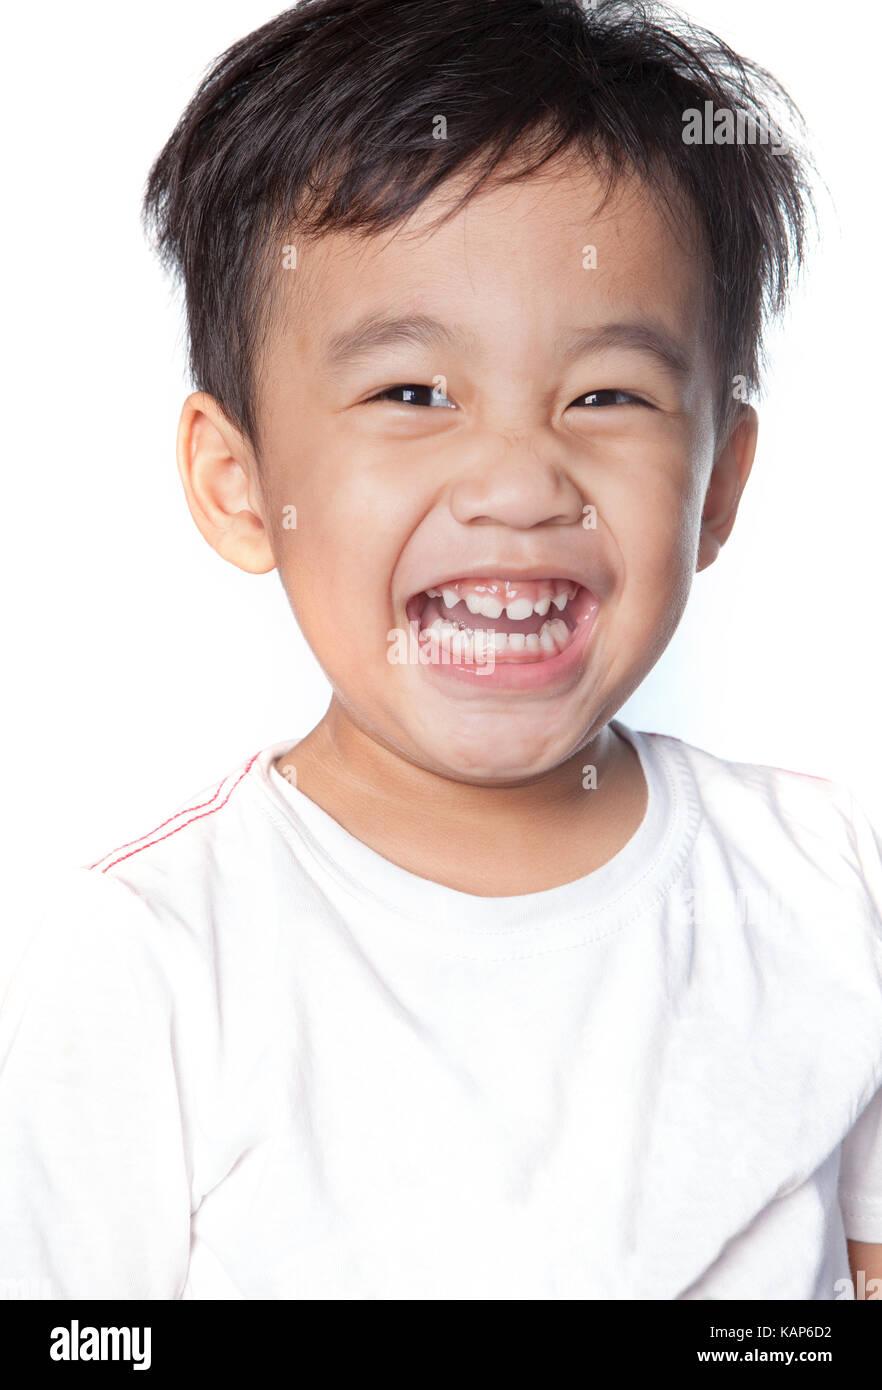 Asian happy face